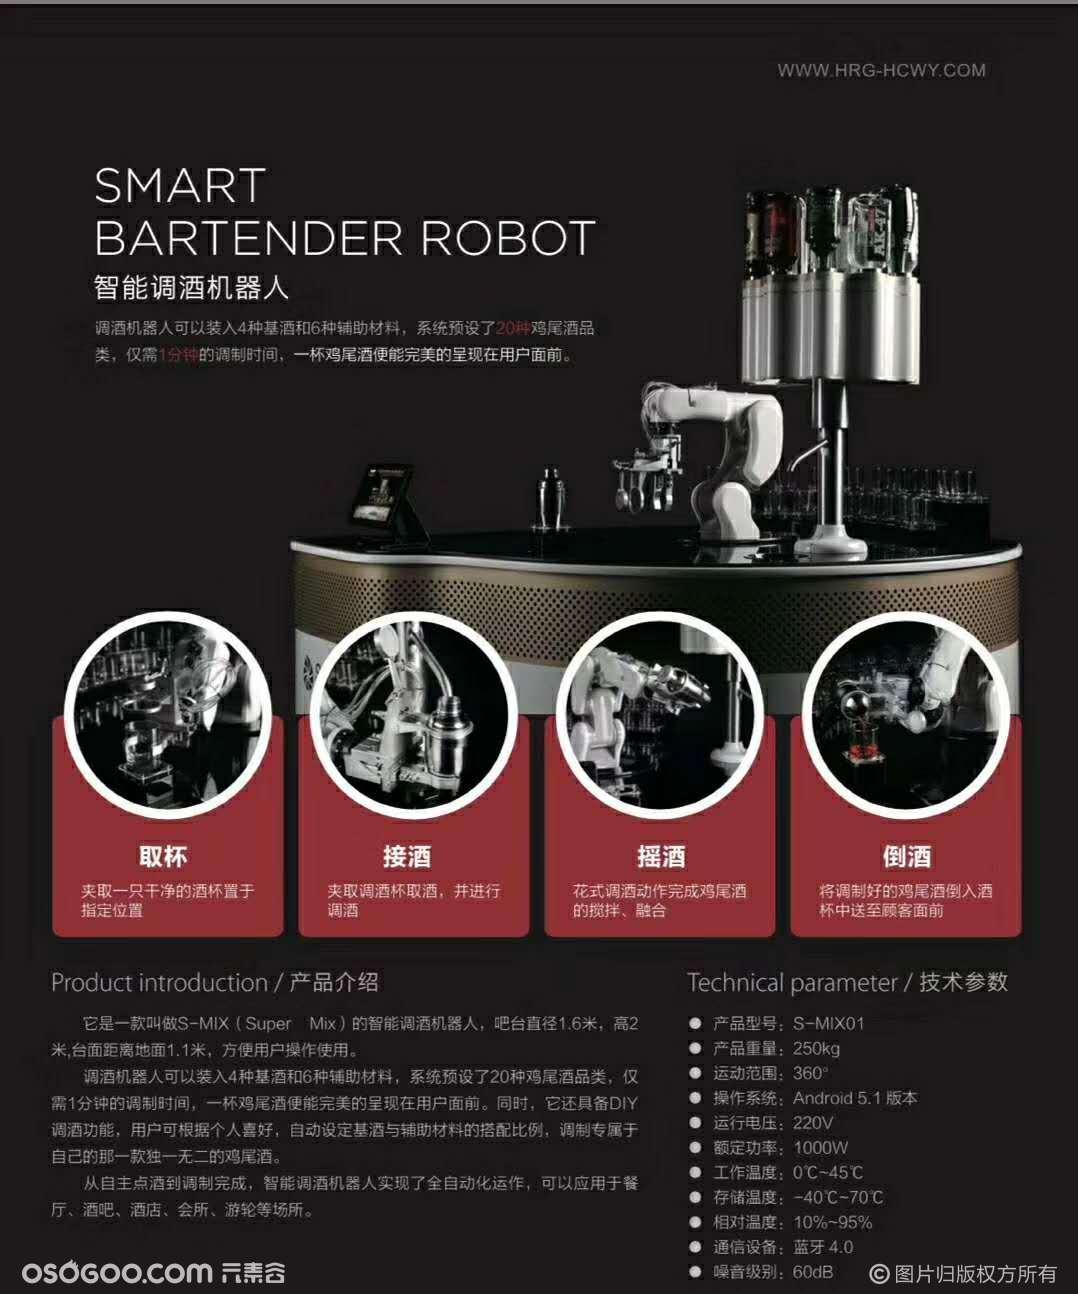 调酒机械臂、智能机器人、科技感